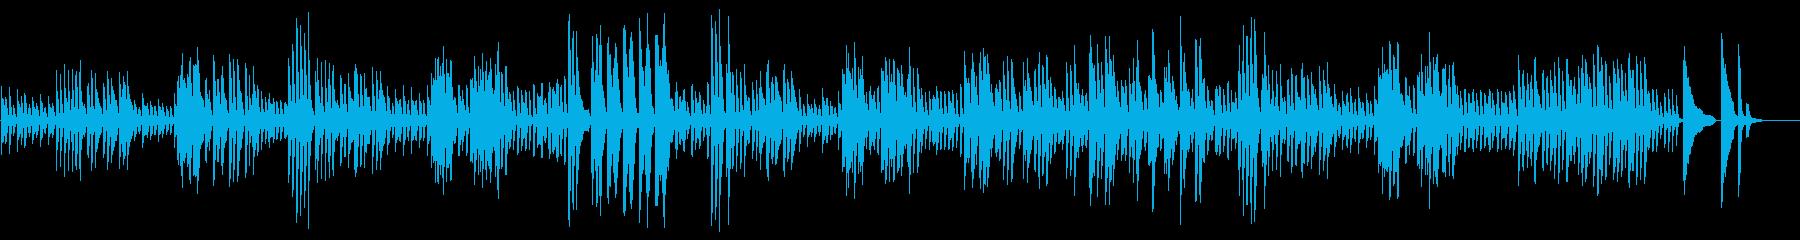 不思議な雰囲気のピアノ曲の再生済みの波形